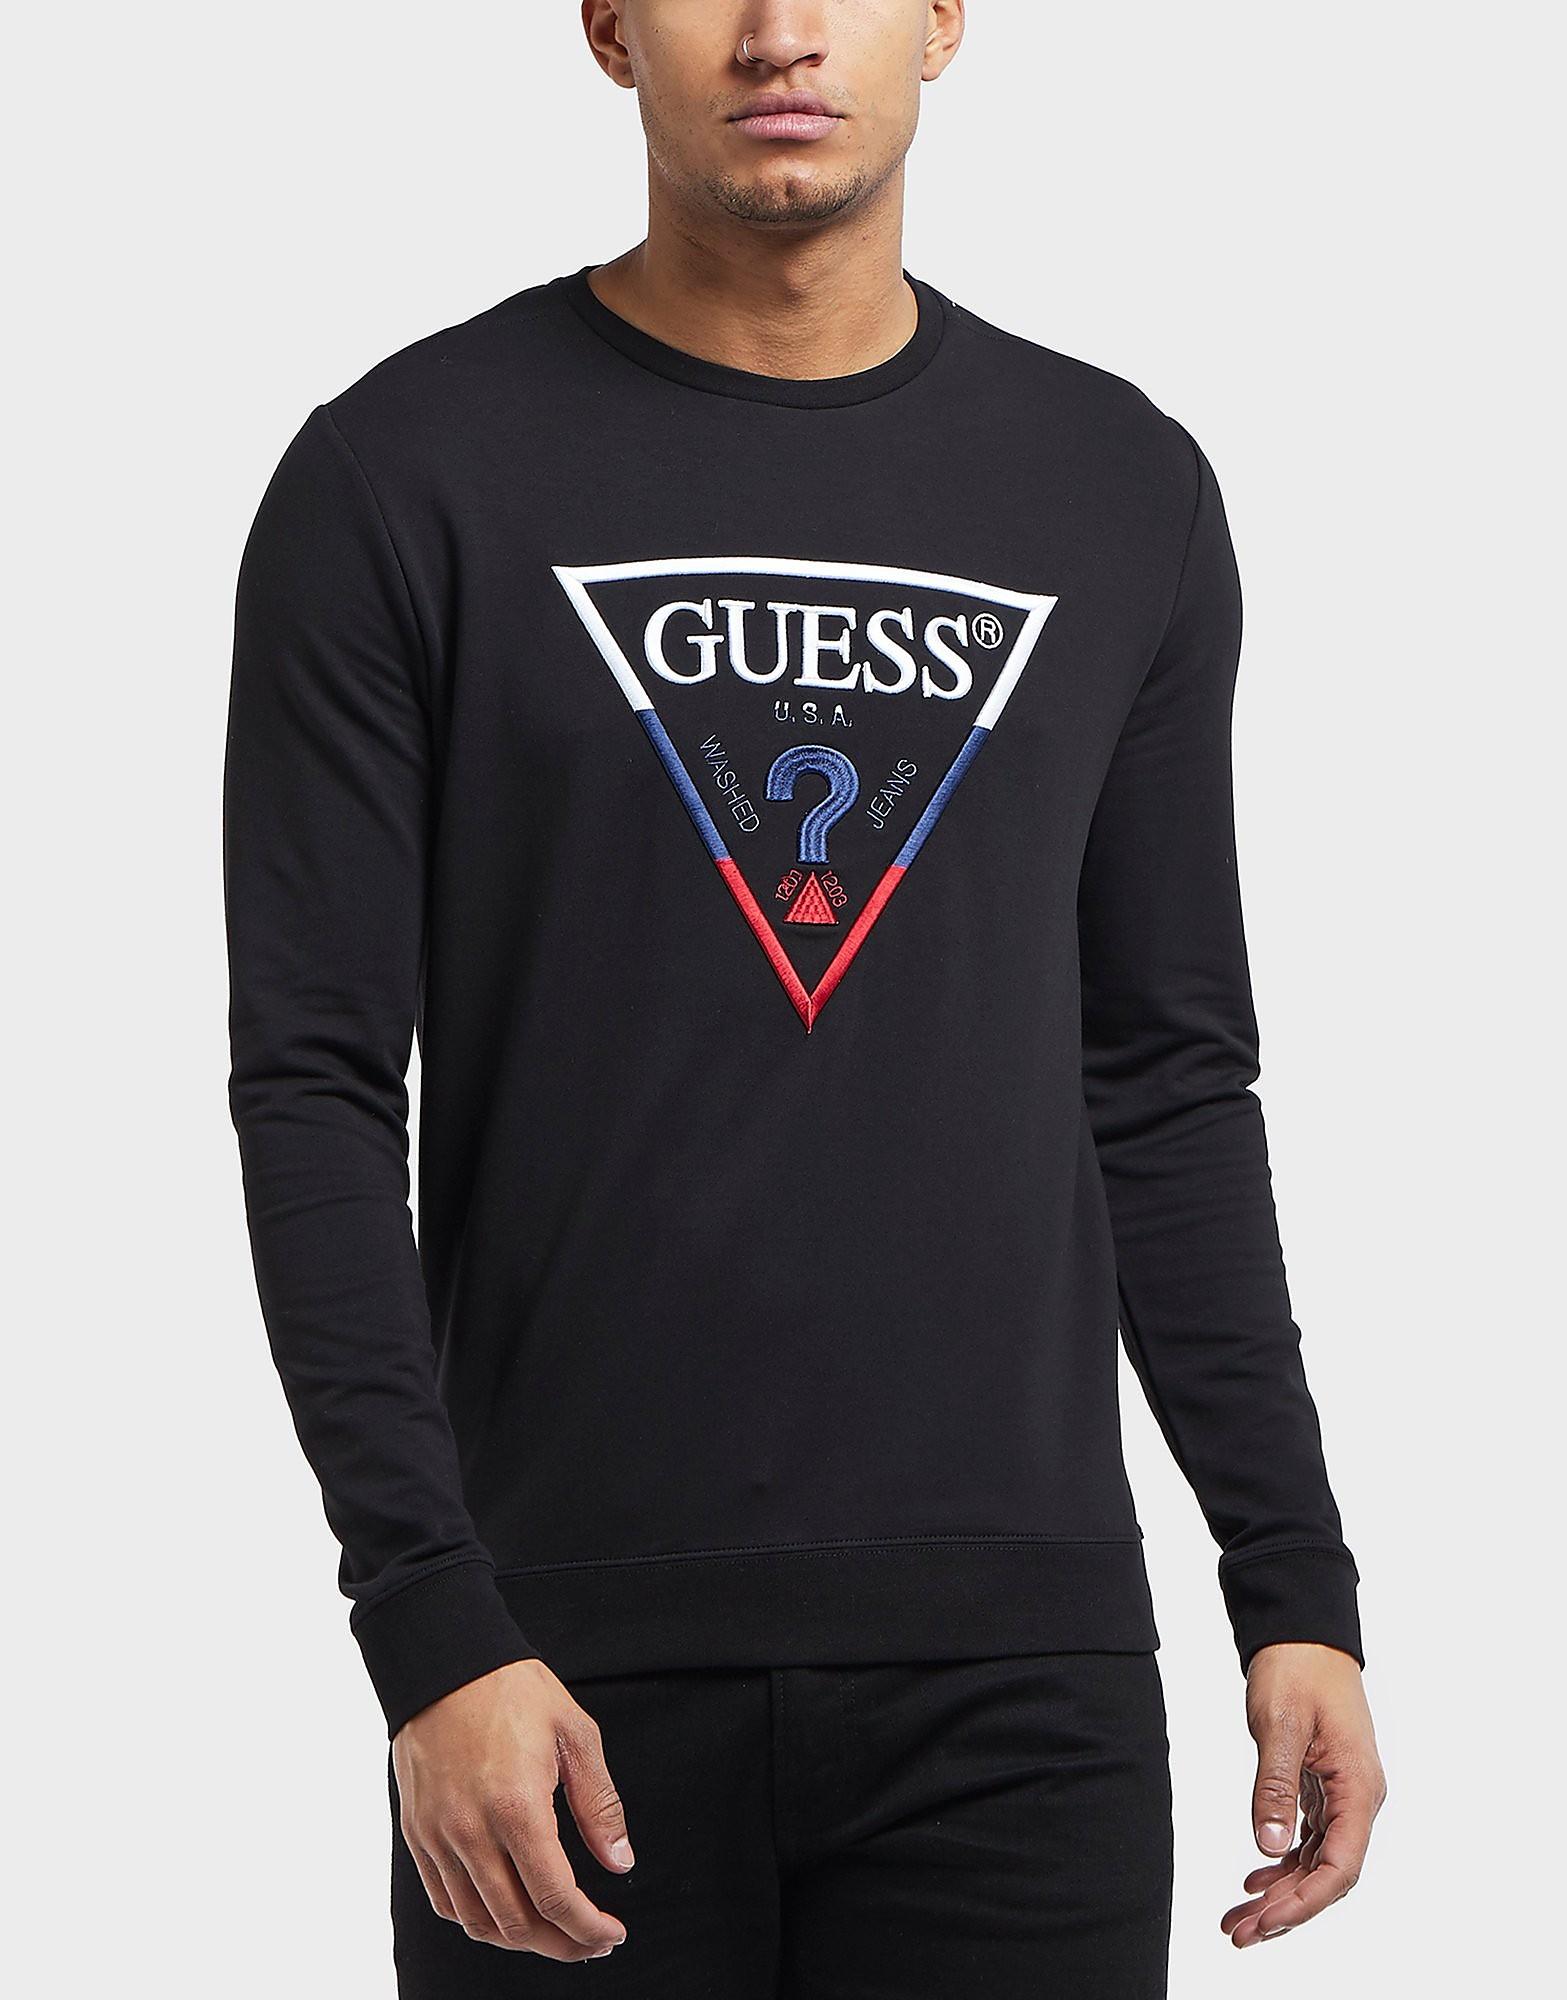 Guess Tri Colour Logo Sweatshirt